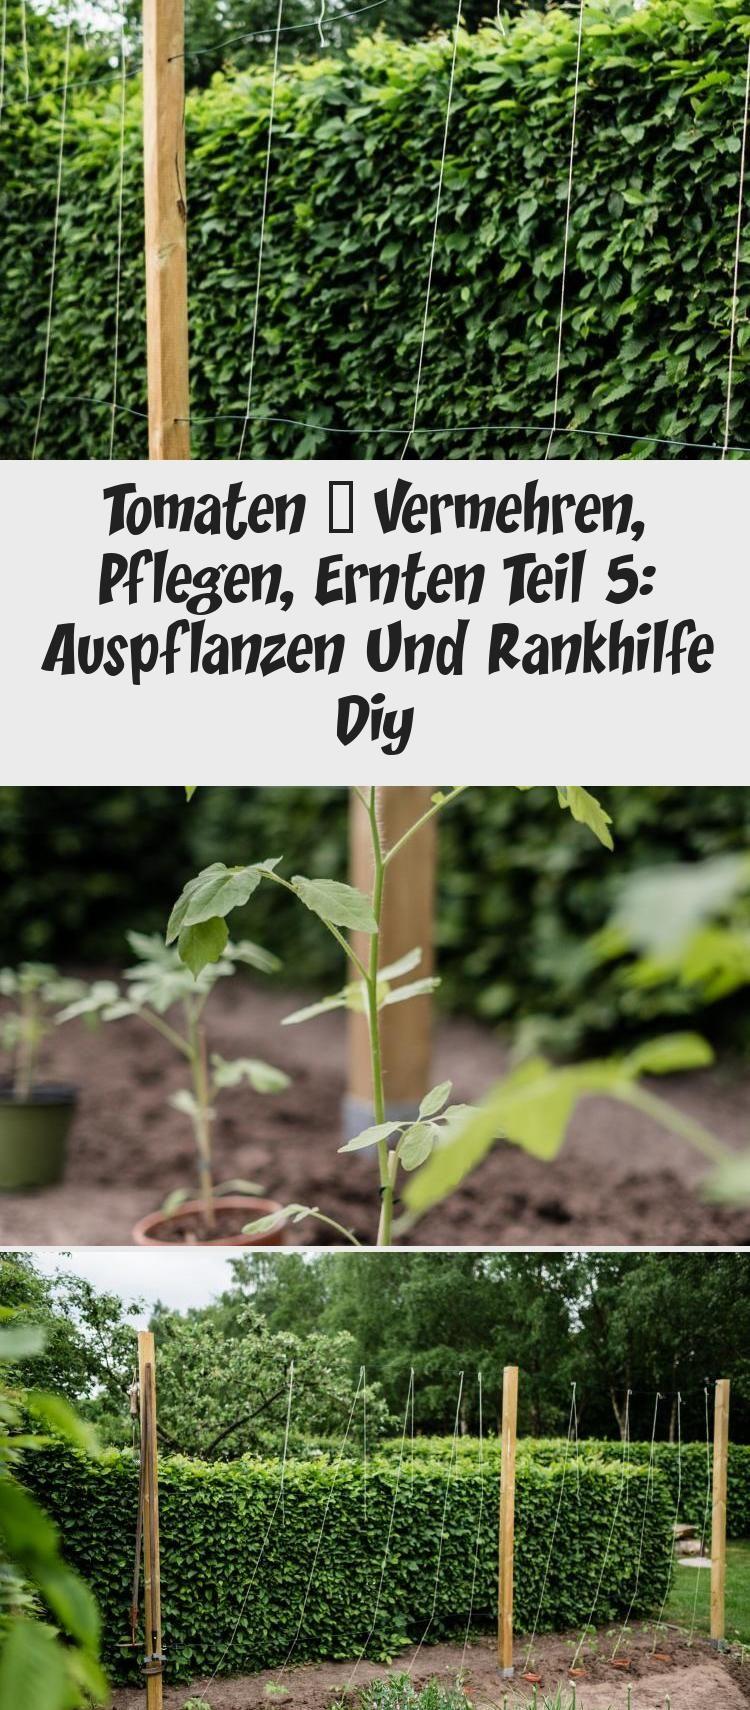 Die Wichtigsten Tipps Und Tricks Beim Auspflanzen Der Tomatenpflanzen Die Passende Tomaten Rankhilfe Selber Bauen Tomaten Teil5 Tom In 2020 Garten Outdoor Giessen